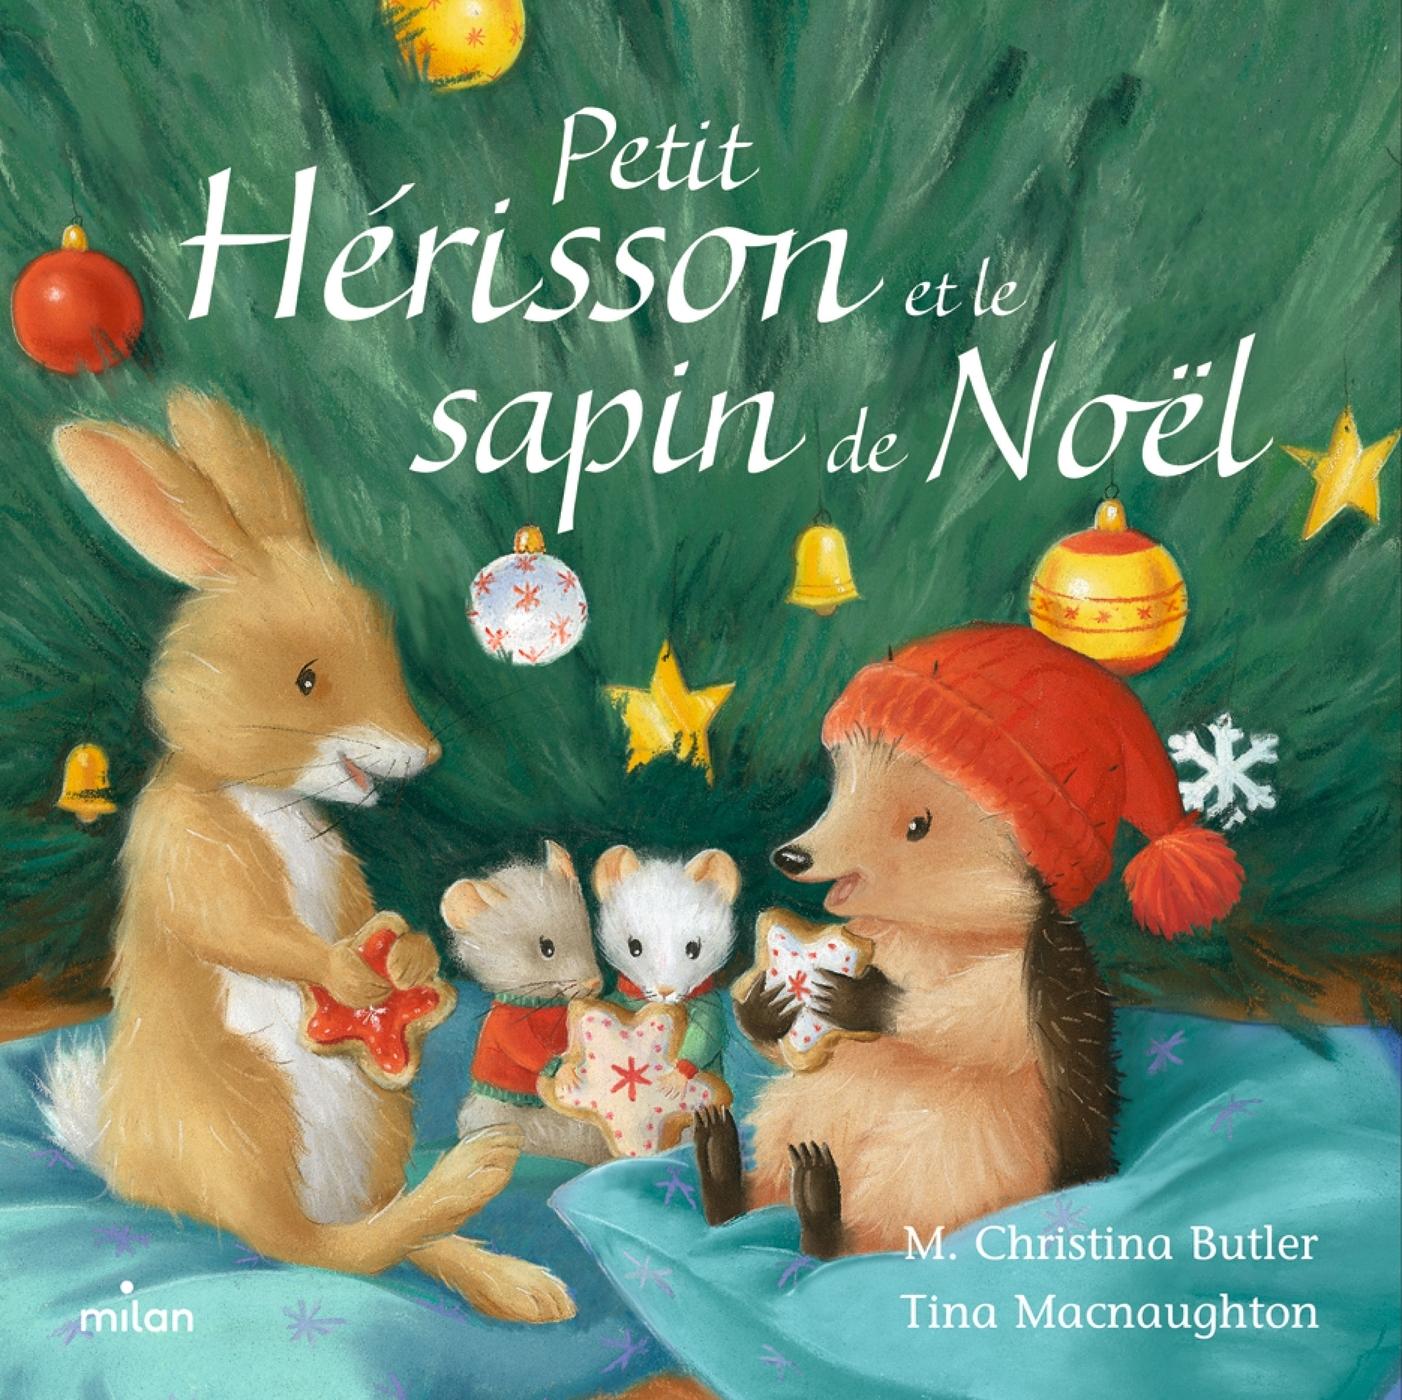 PETIT HERISSON ET LE SAPIN DE NOEL (TOUT-CARTON)